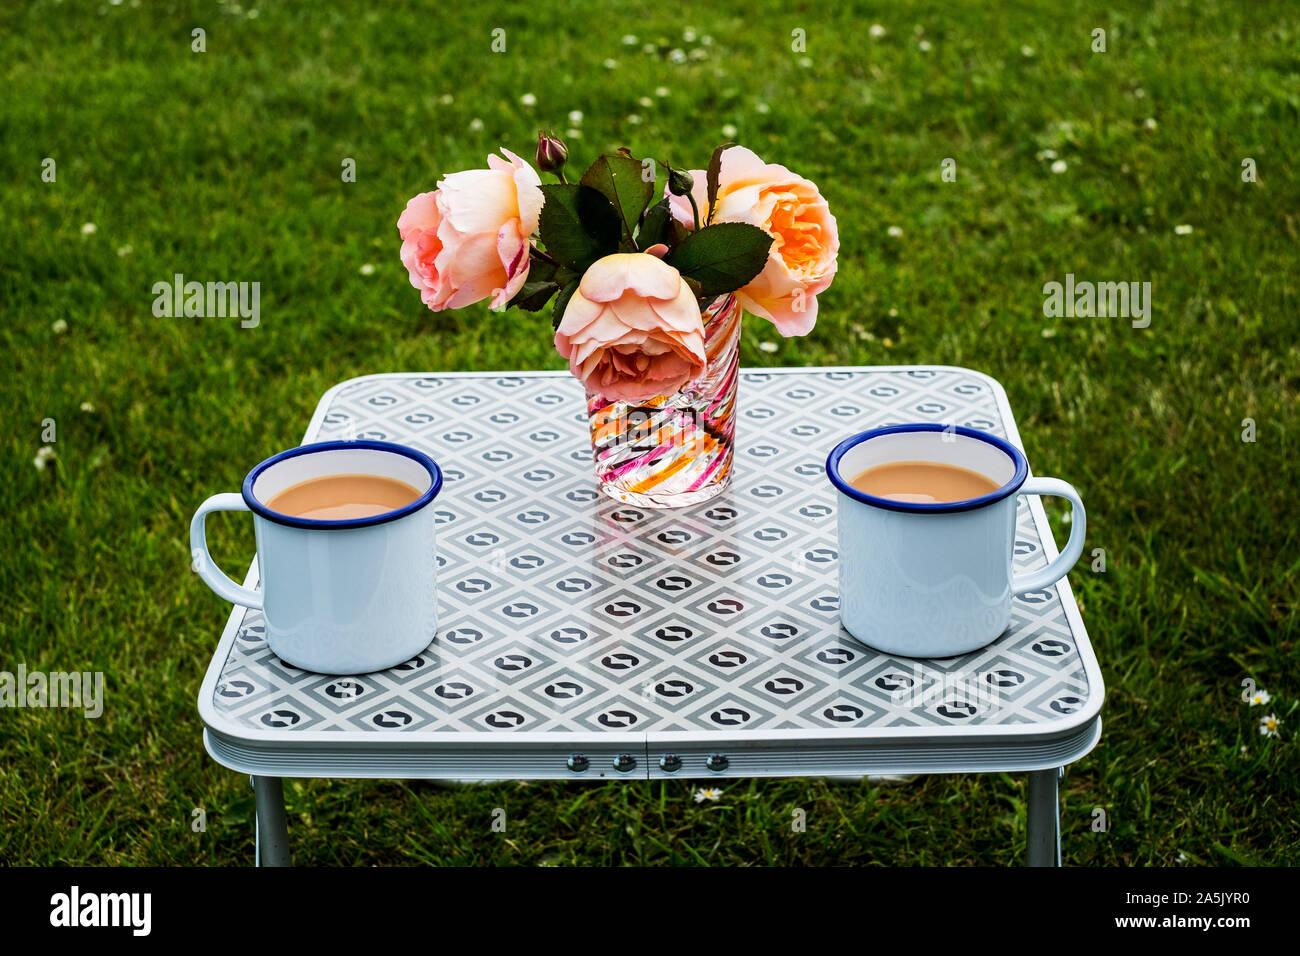 High angle close up de thé dans des tasses en émail blanc et vase avec des roses rose saumon sur table de pique-nique. Banque D'Images